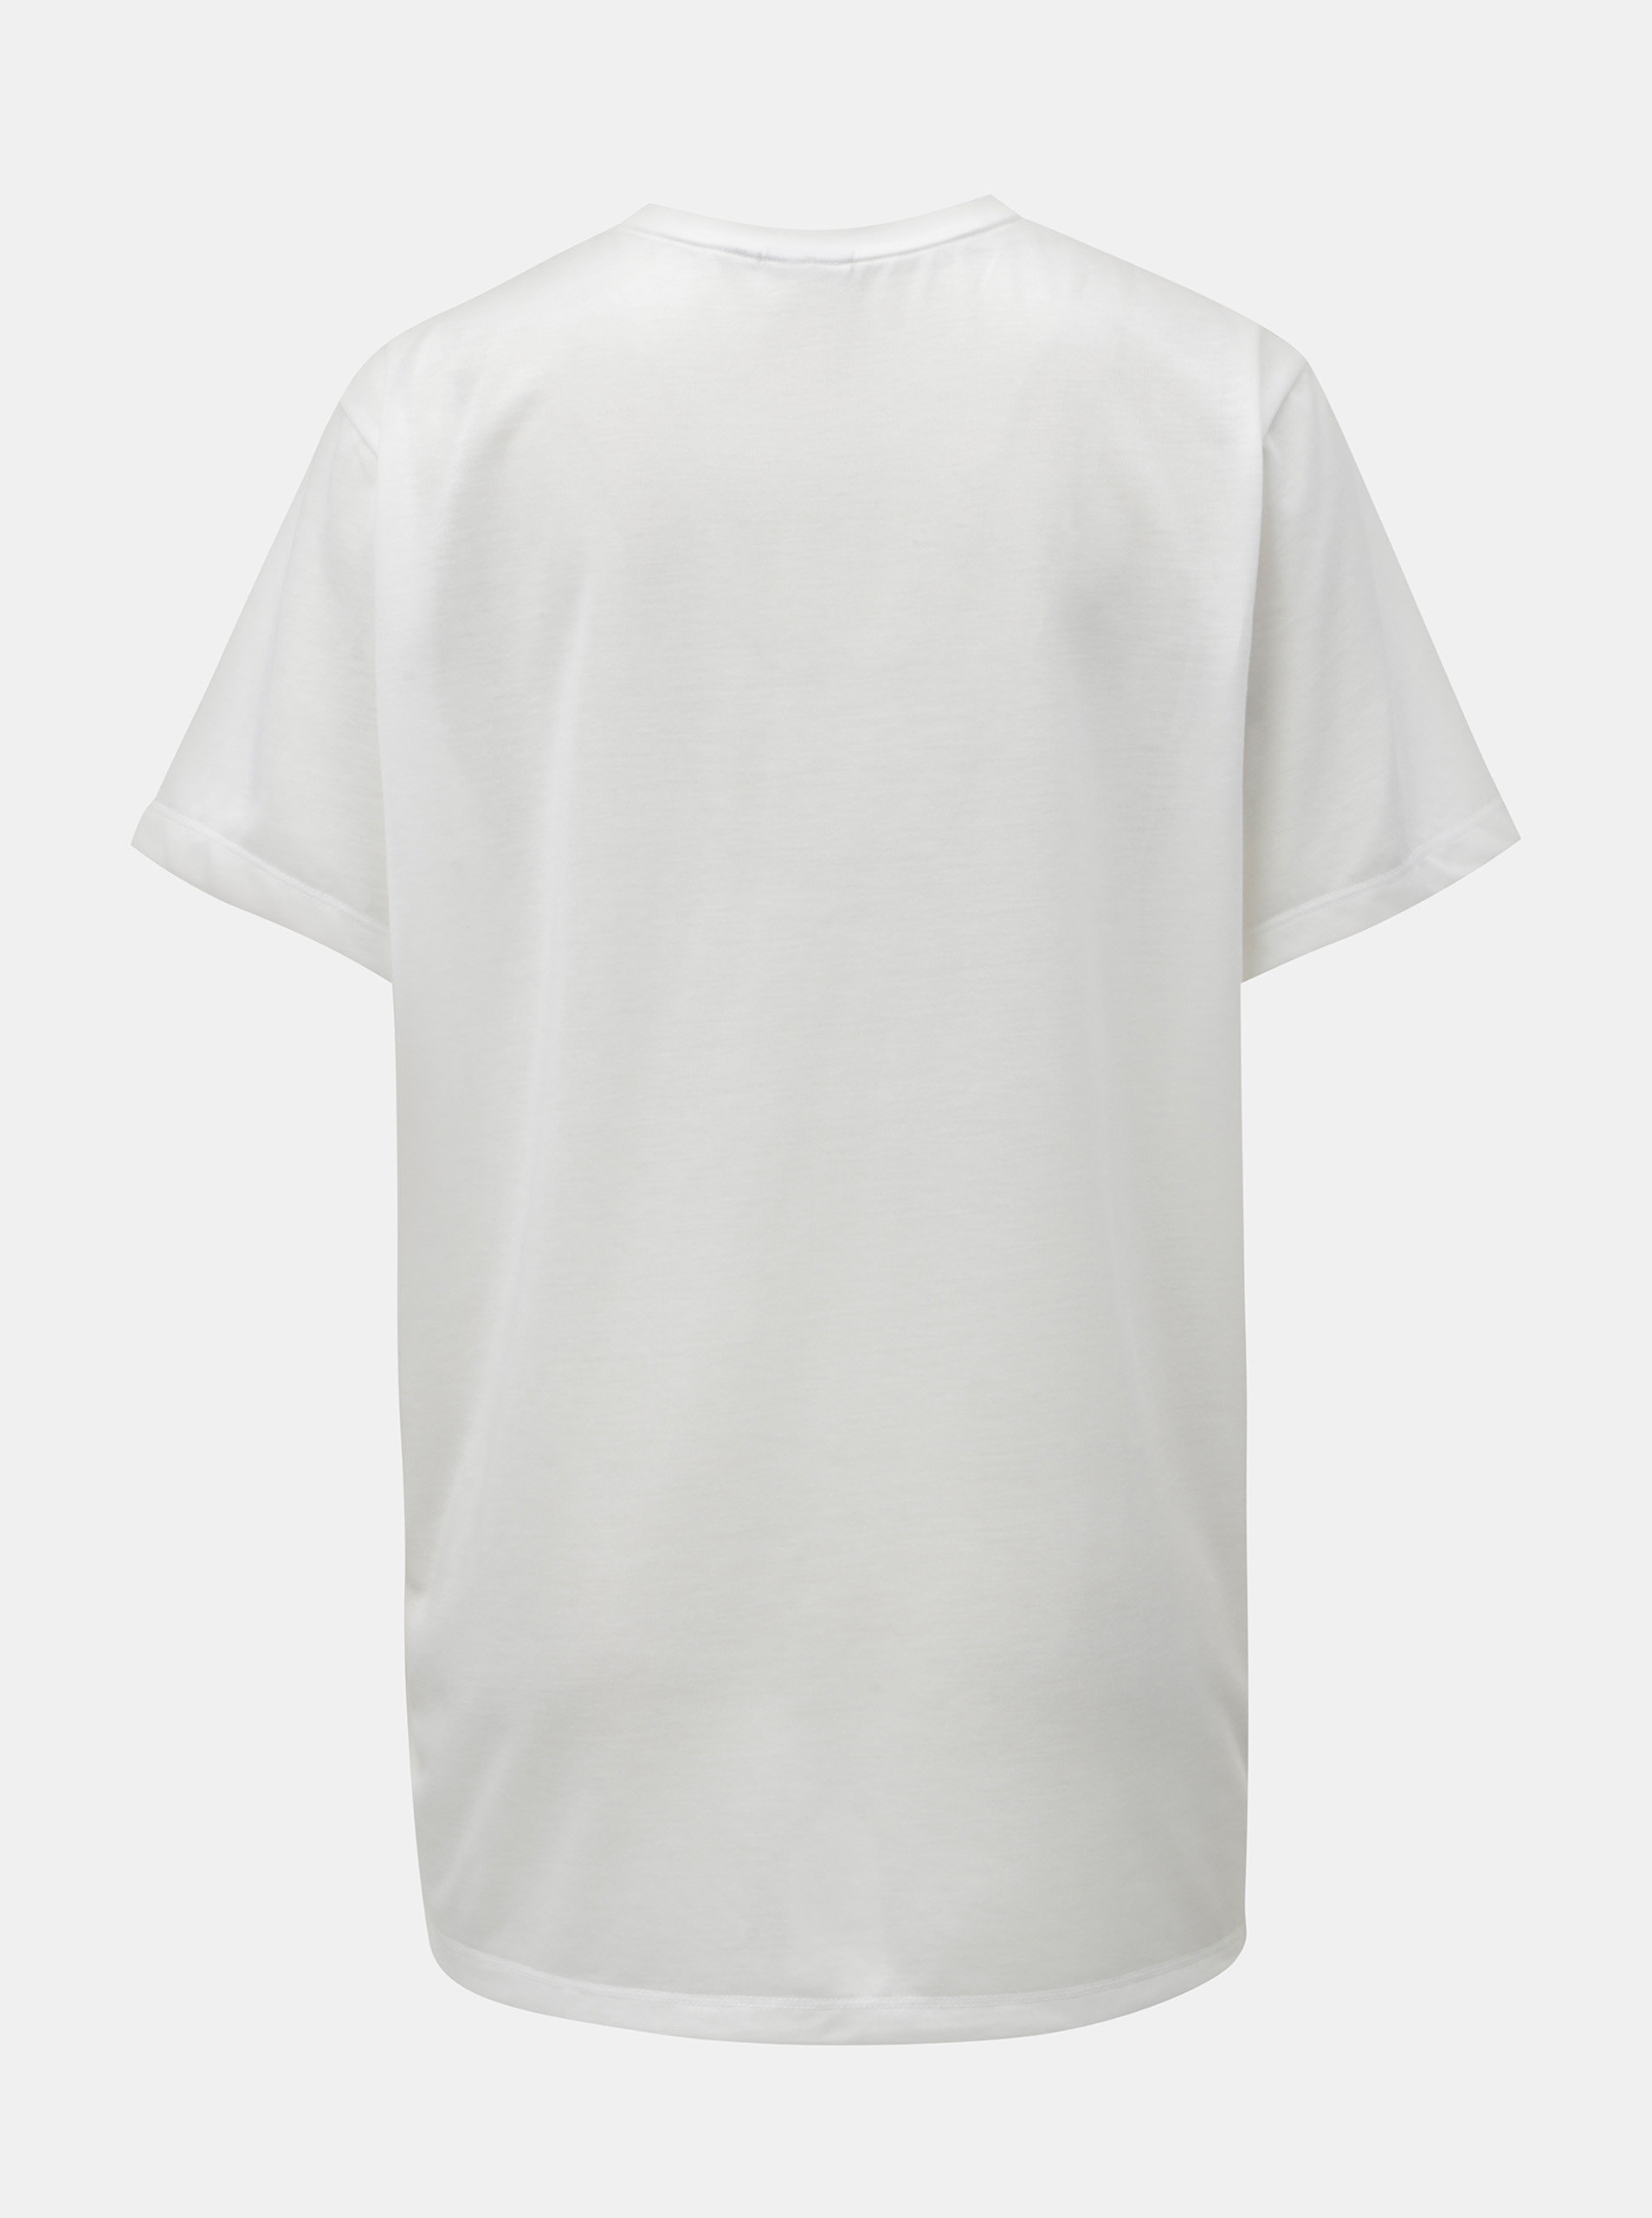 2f71ff34f18 Bílé dámské volné tričko s logem adidas Originals ...